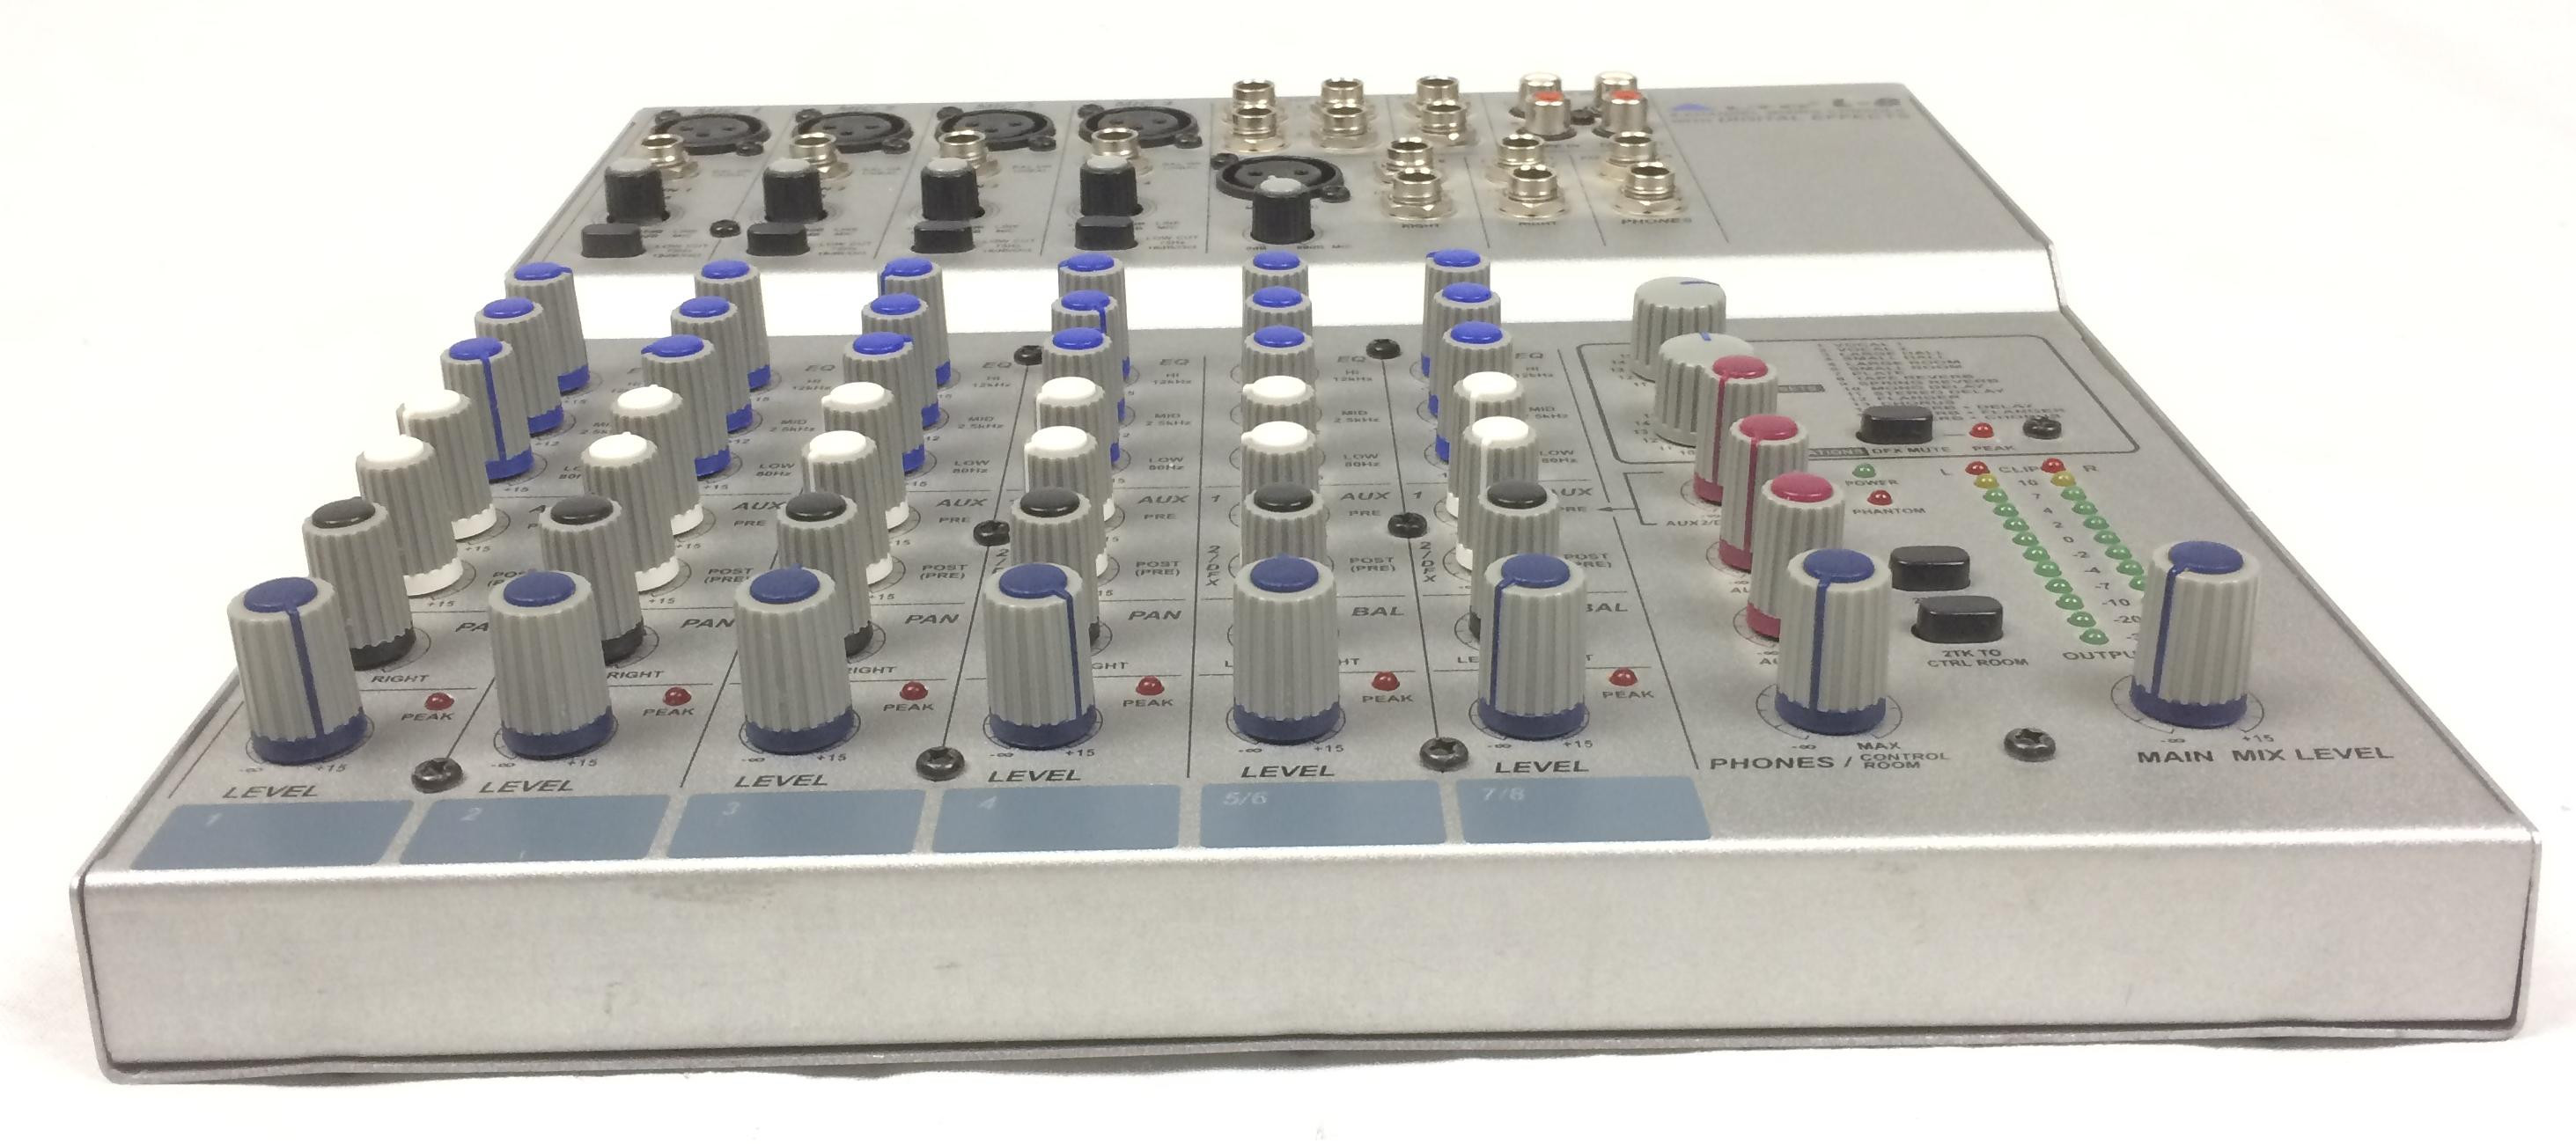 Alto l8 mixer 8 canali con effetti mixer alto for Alto pericolo il tuo account e stato attaccato